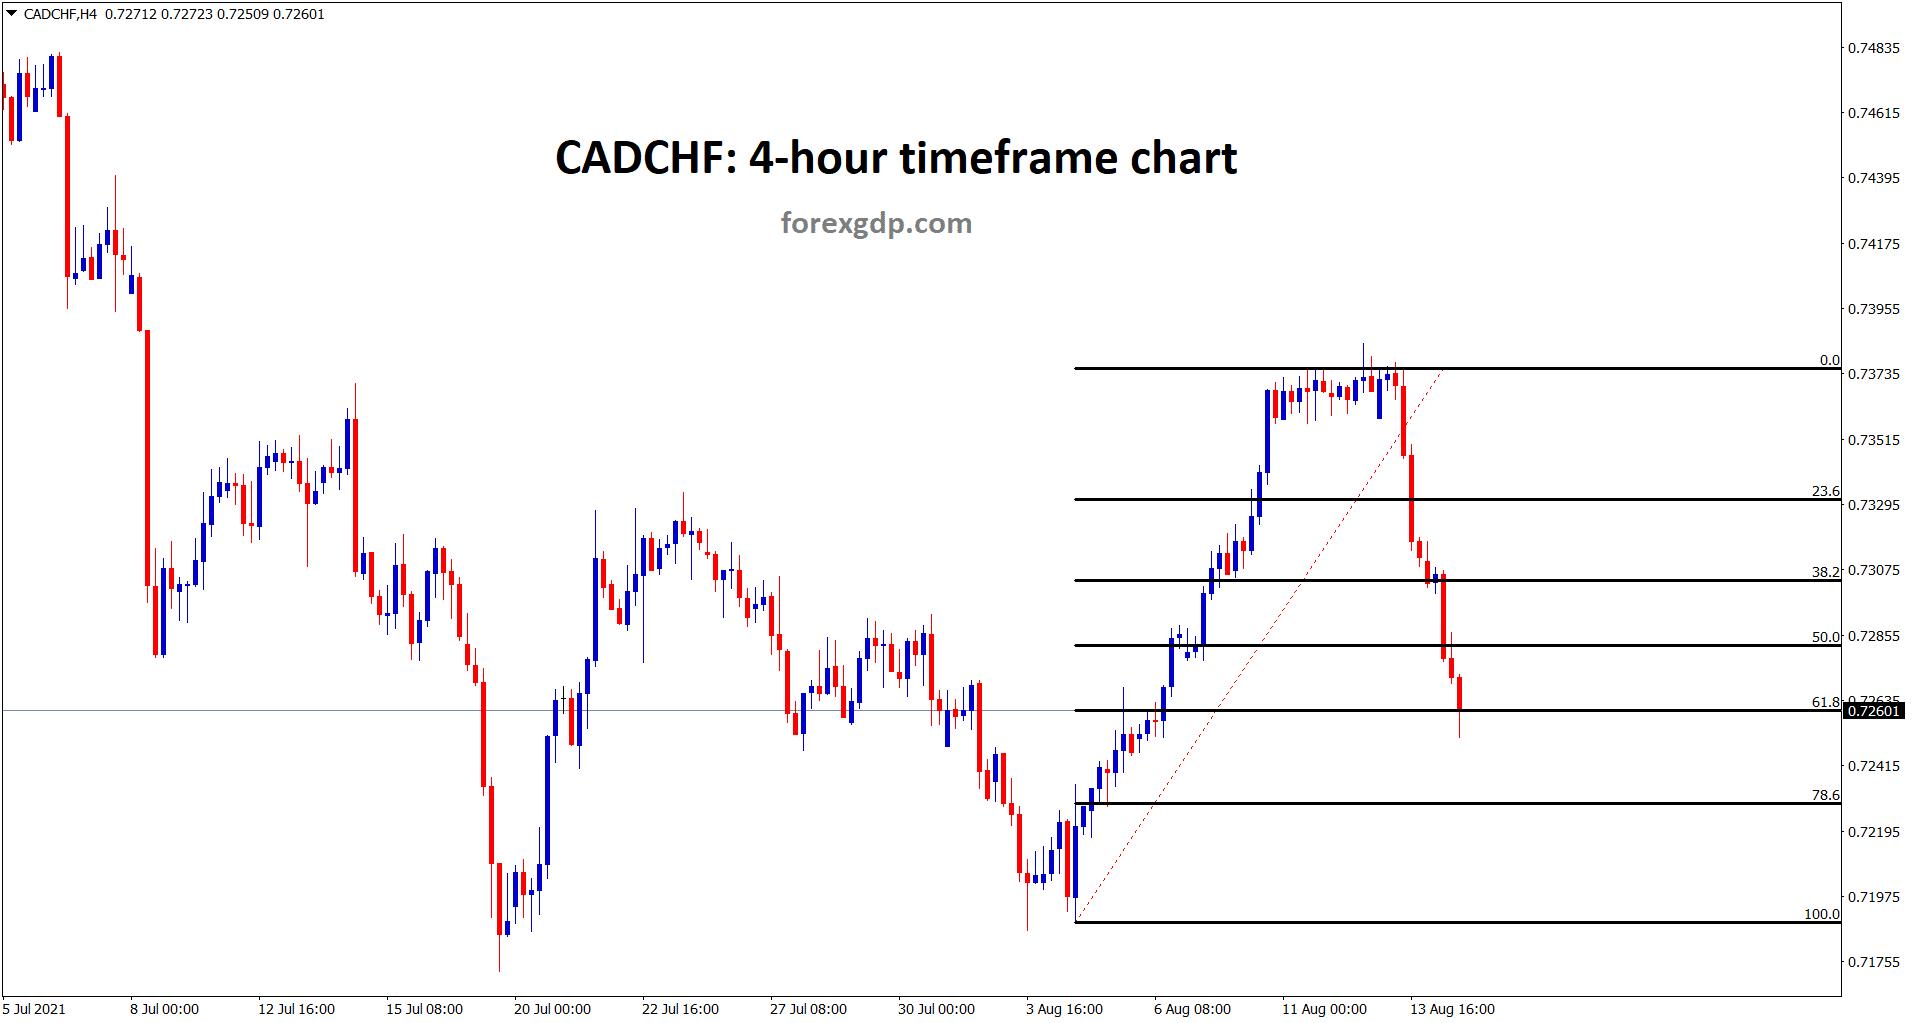 CADCHF retraced down 61.8